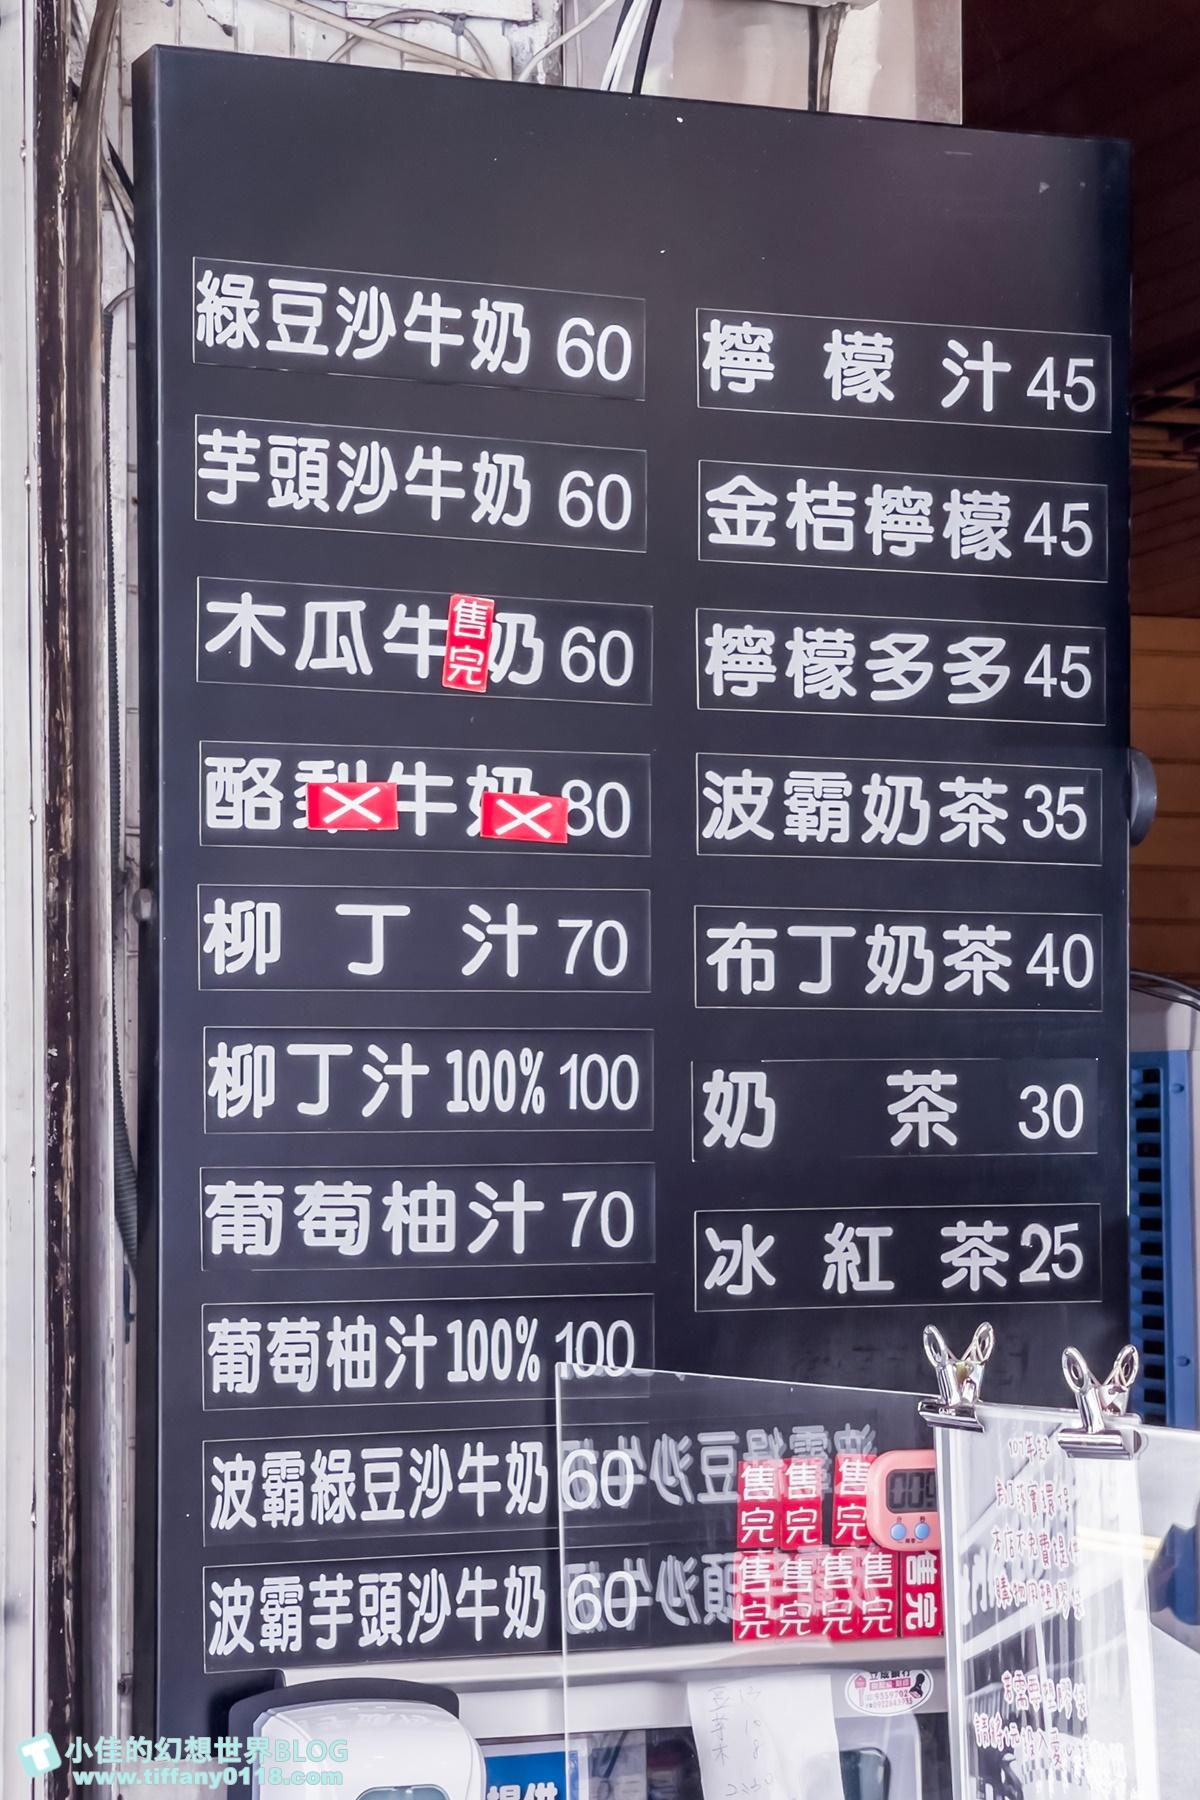 [宜蘭小吃]北門綠豆沙牛乳大王/綿密滑順口味大眾化/芋頭沙牛奶也好喝/宜蘭飲品推薦